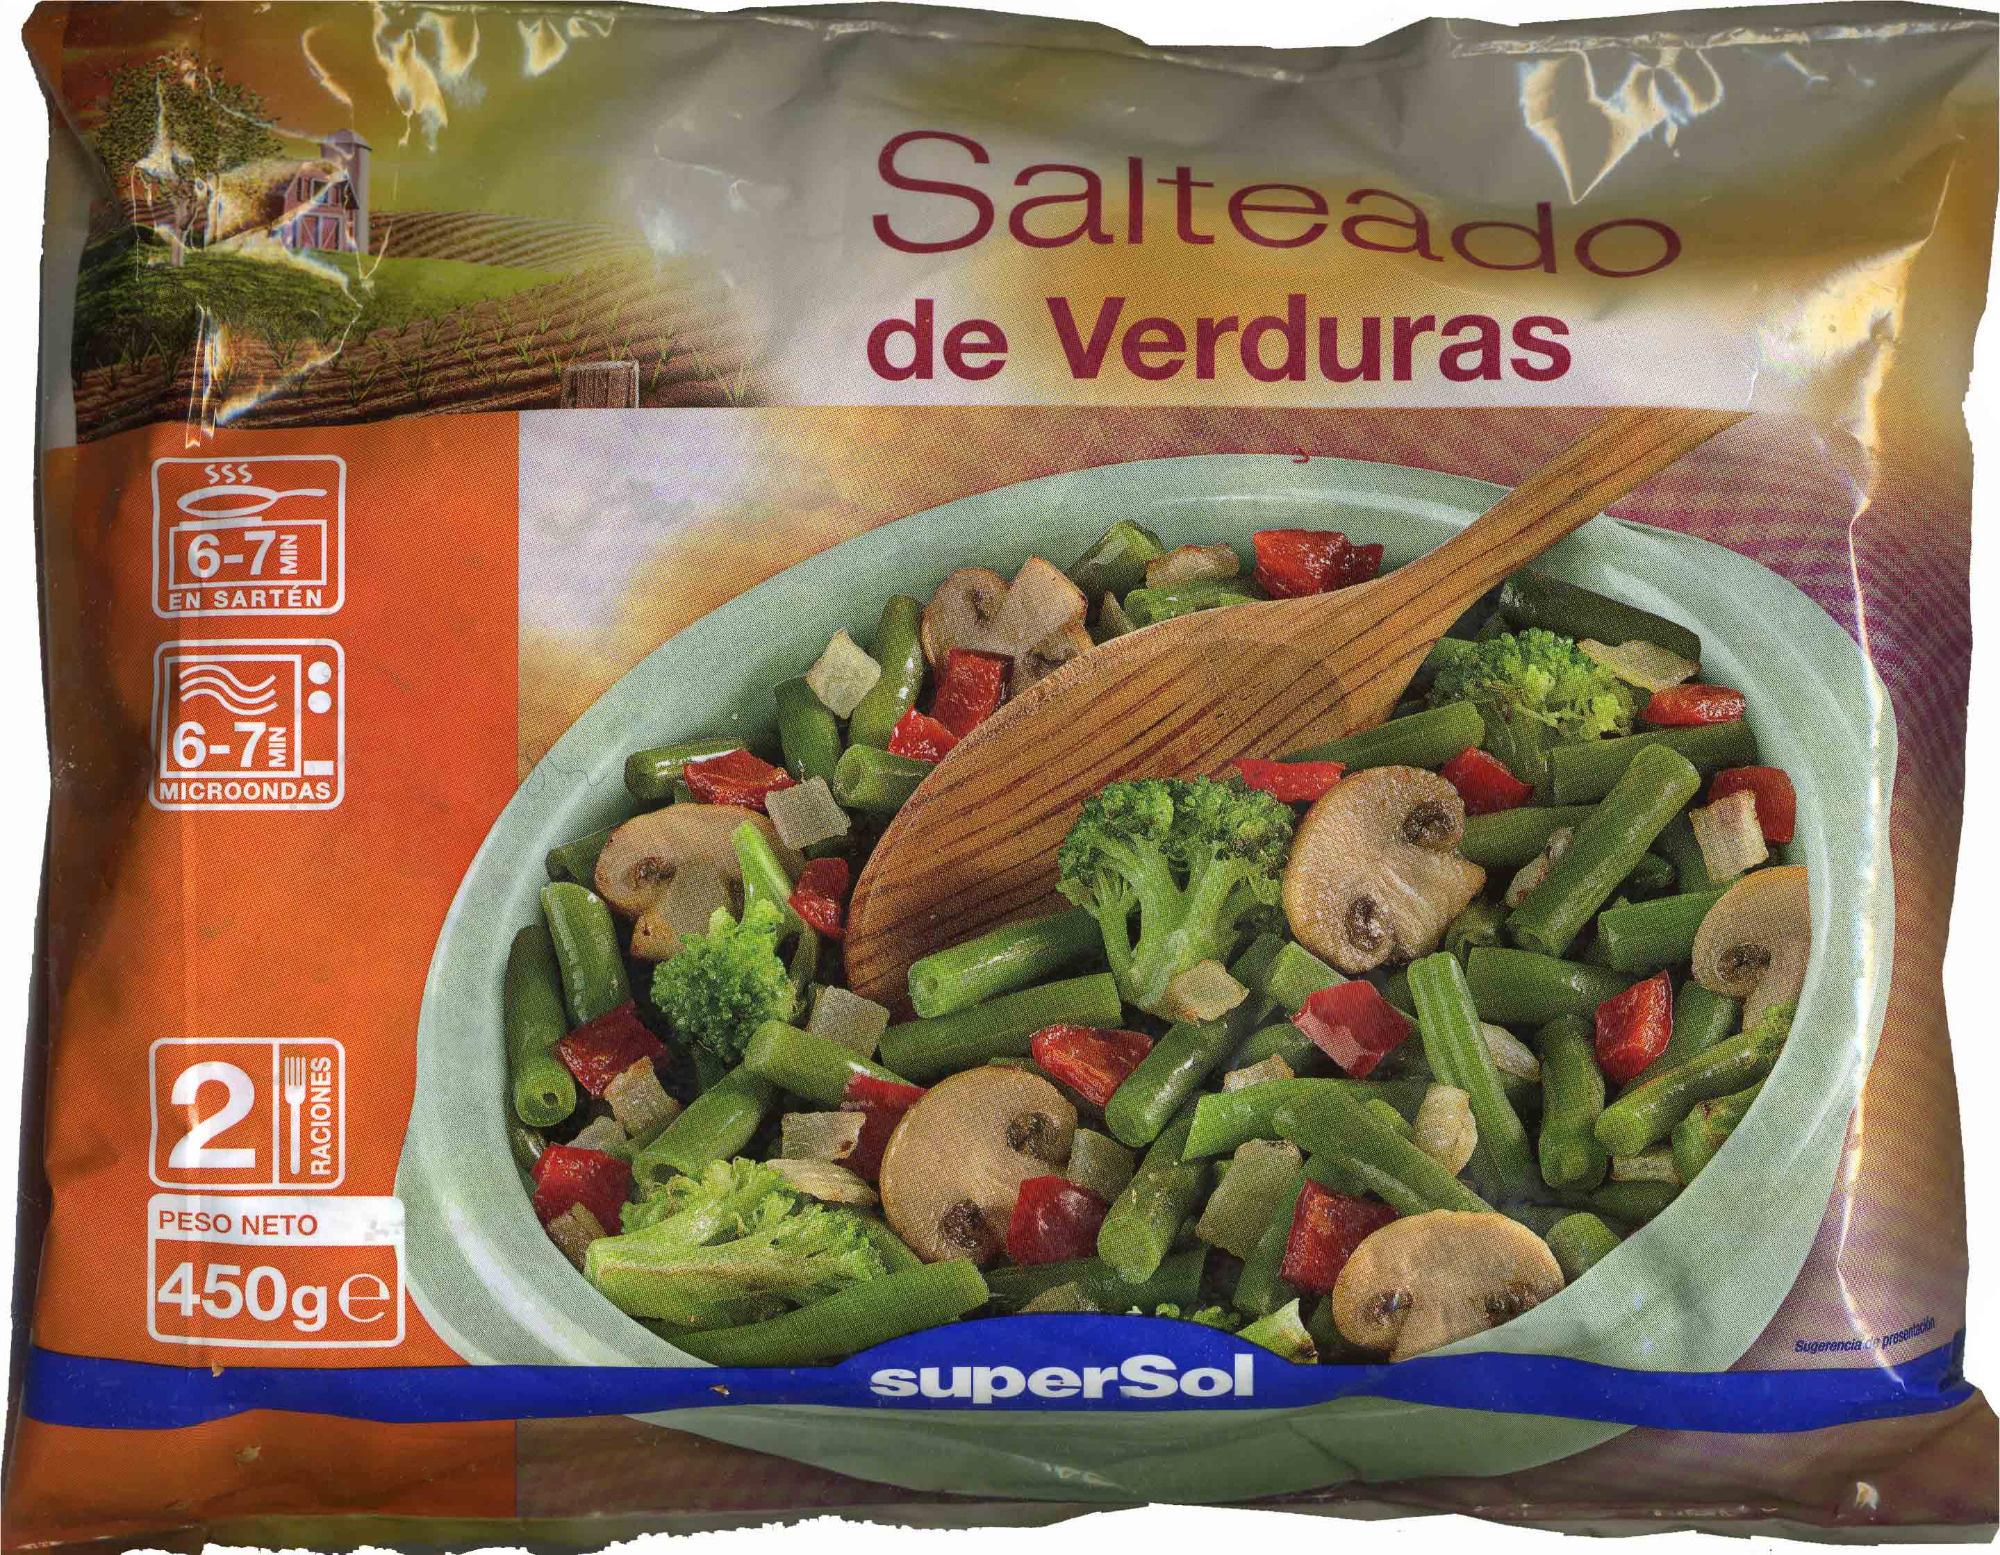 Salteado de verduras congelado - Product - es